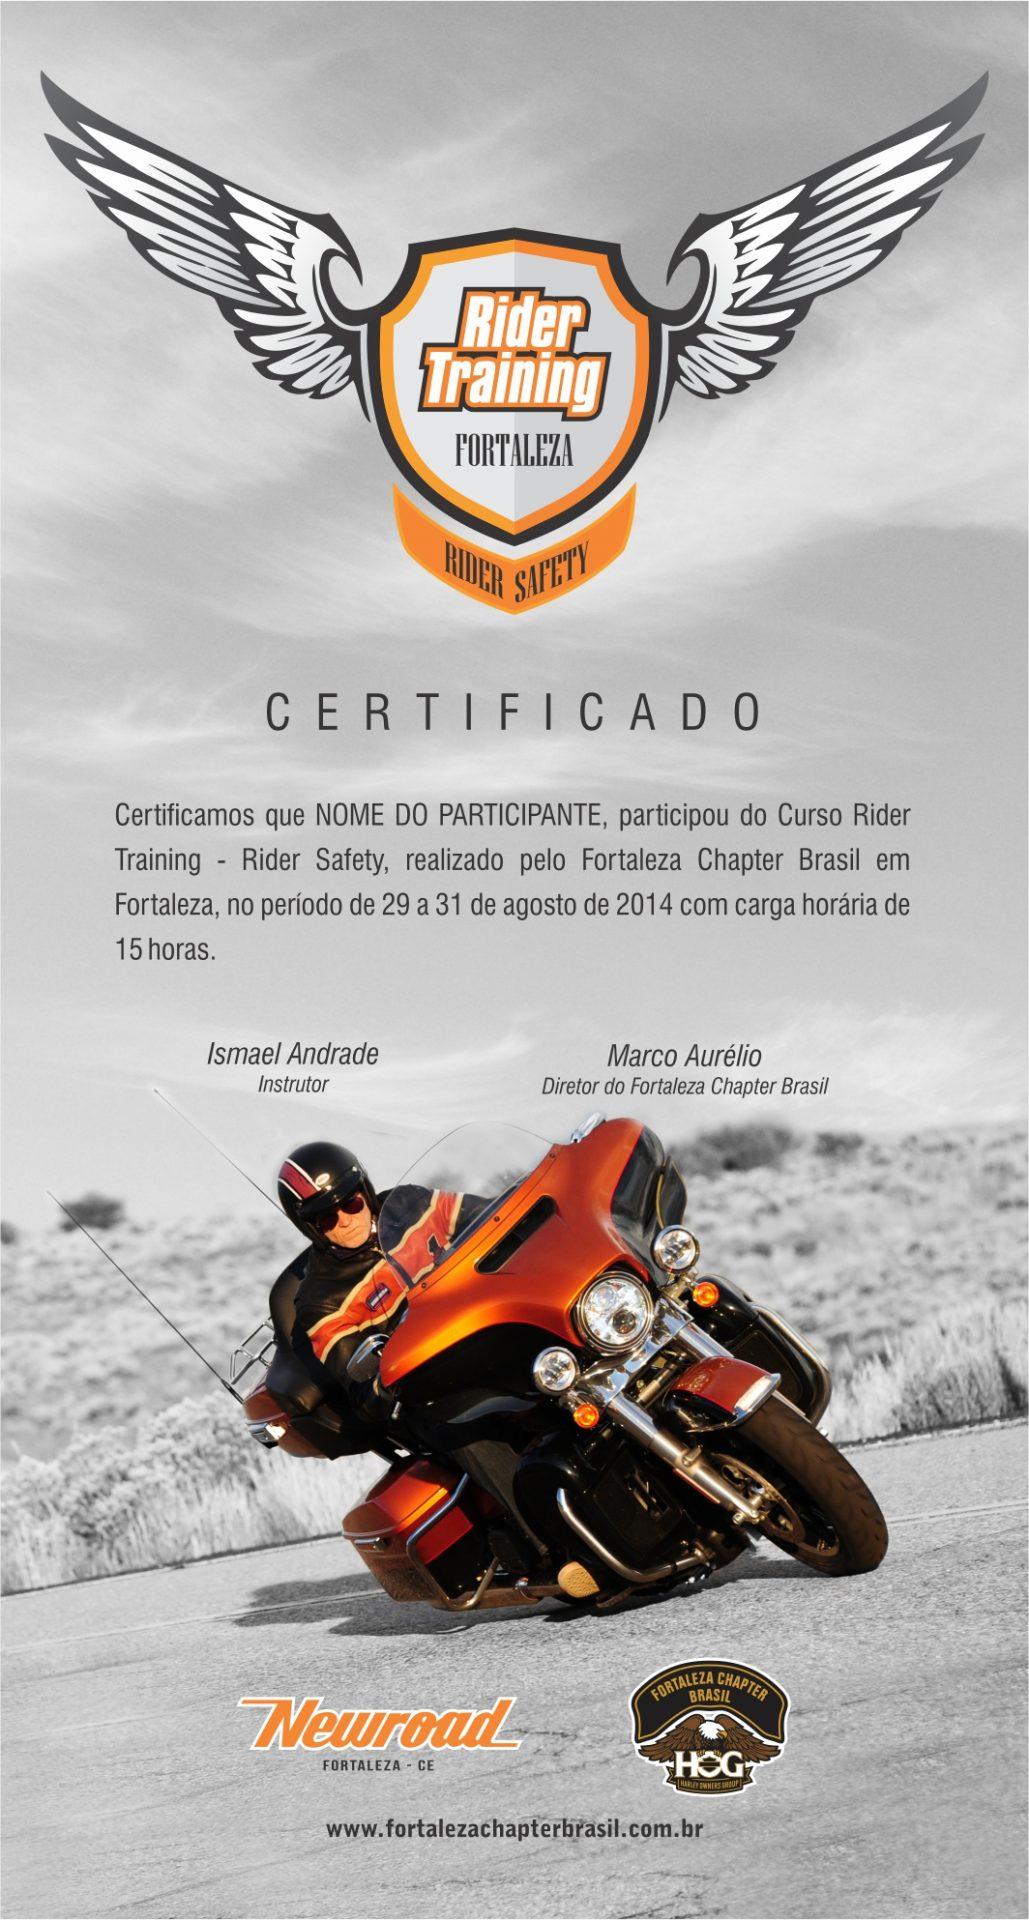 Rider Training - Certificado T2